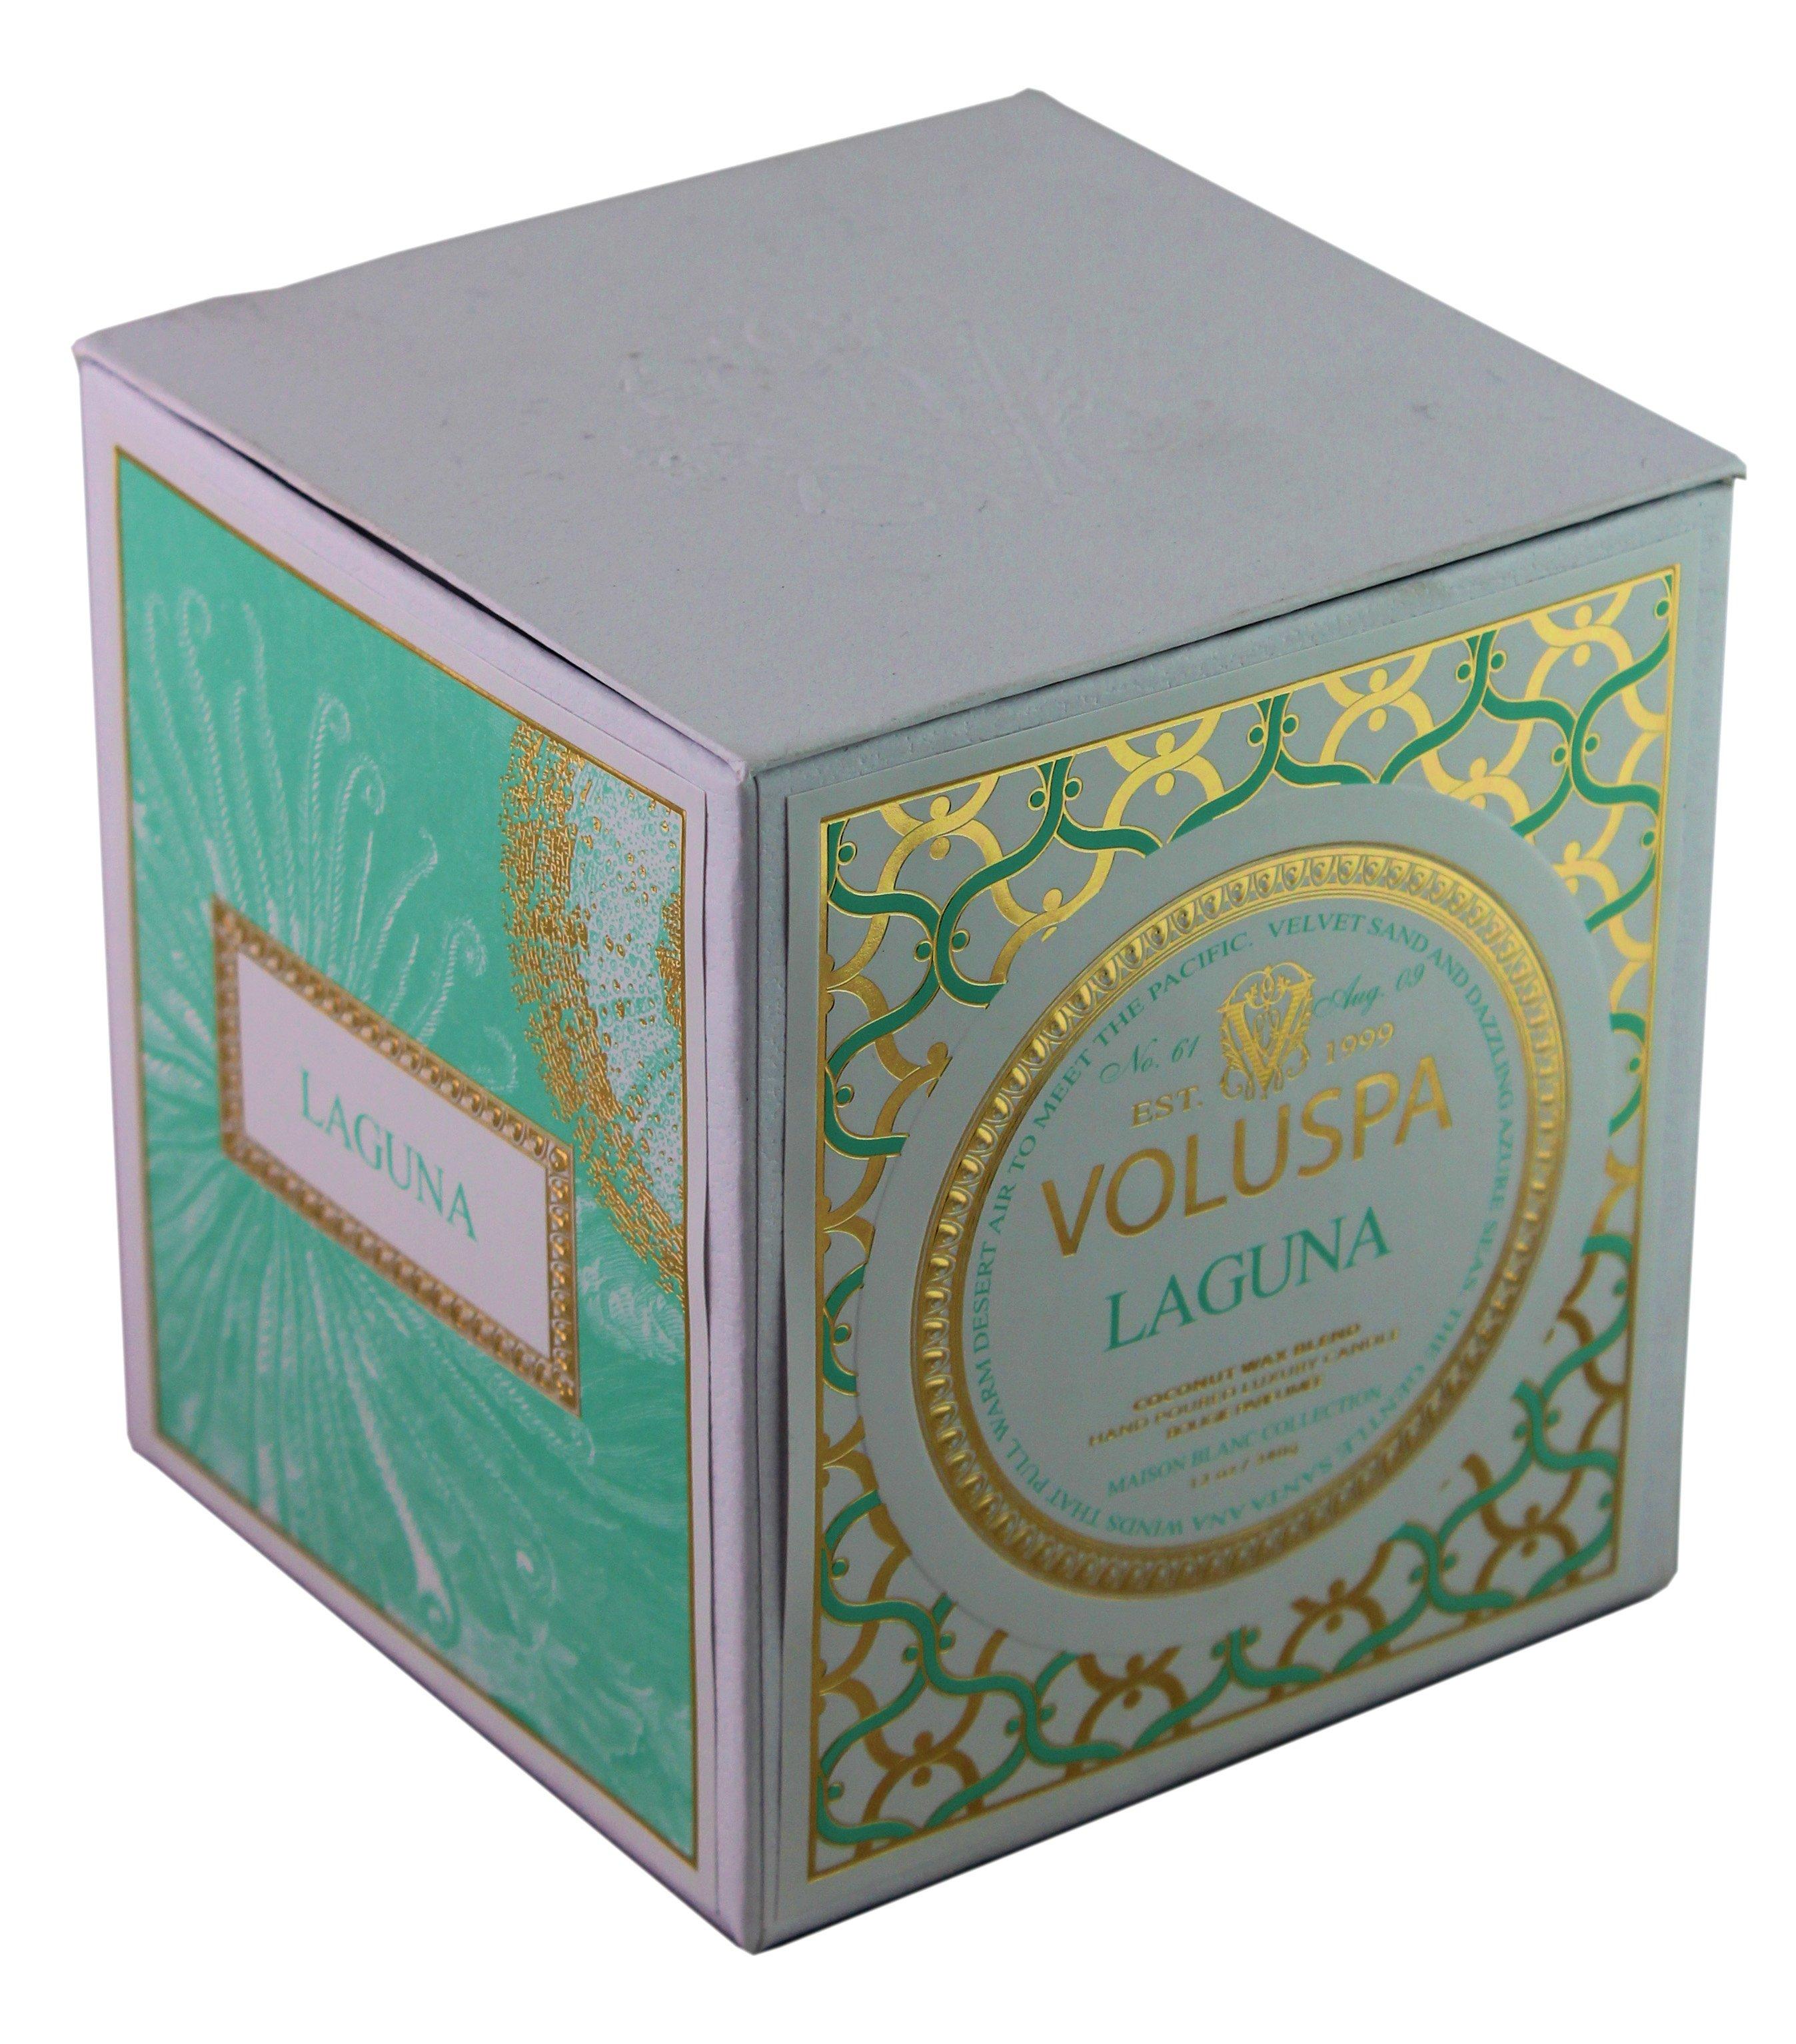 Voluspa Box Candle Laguna